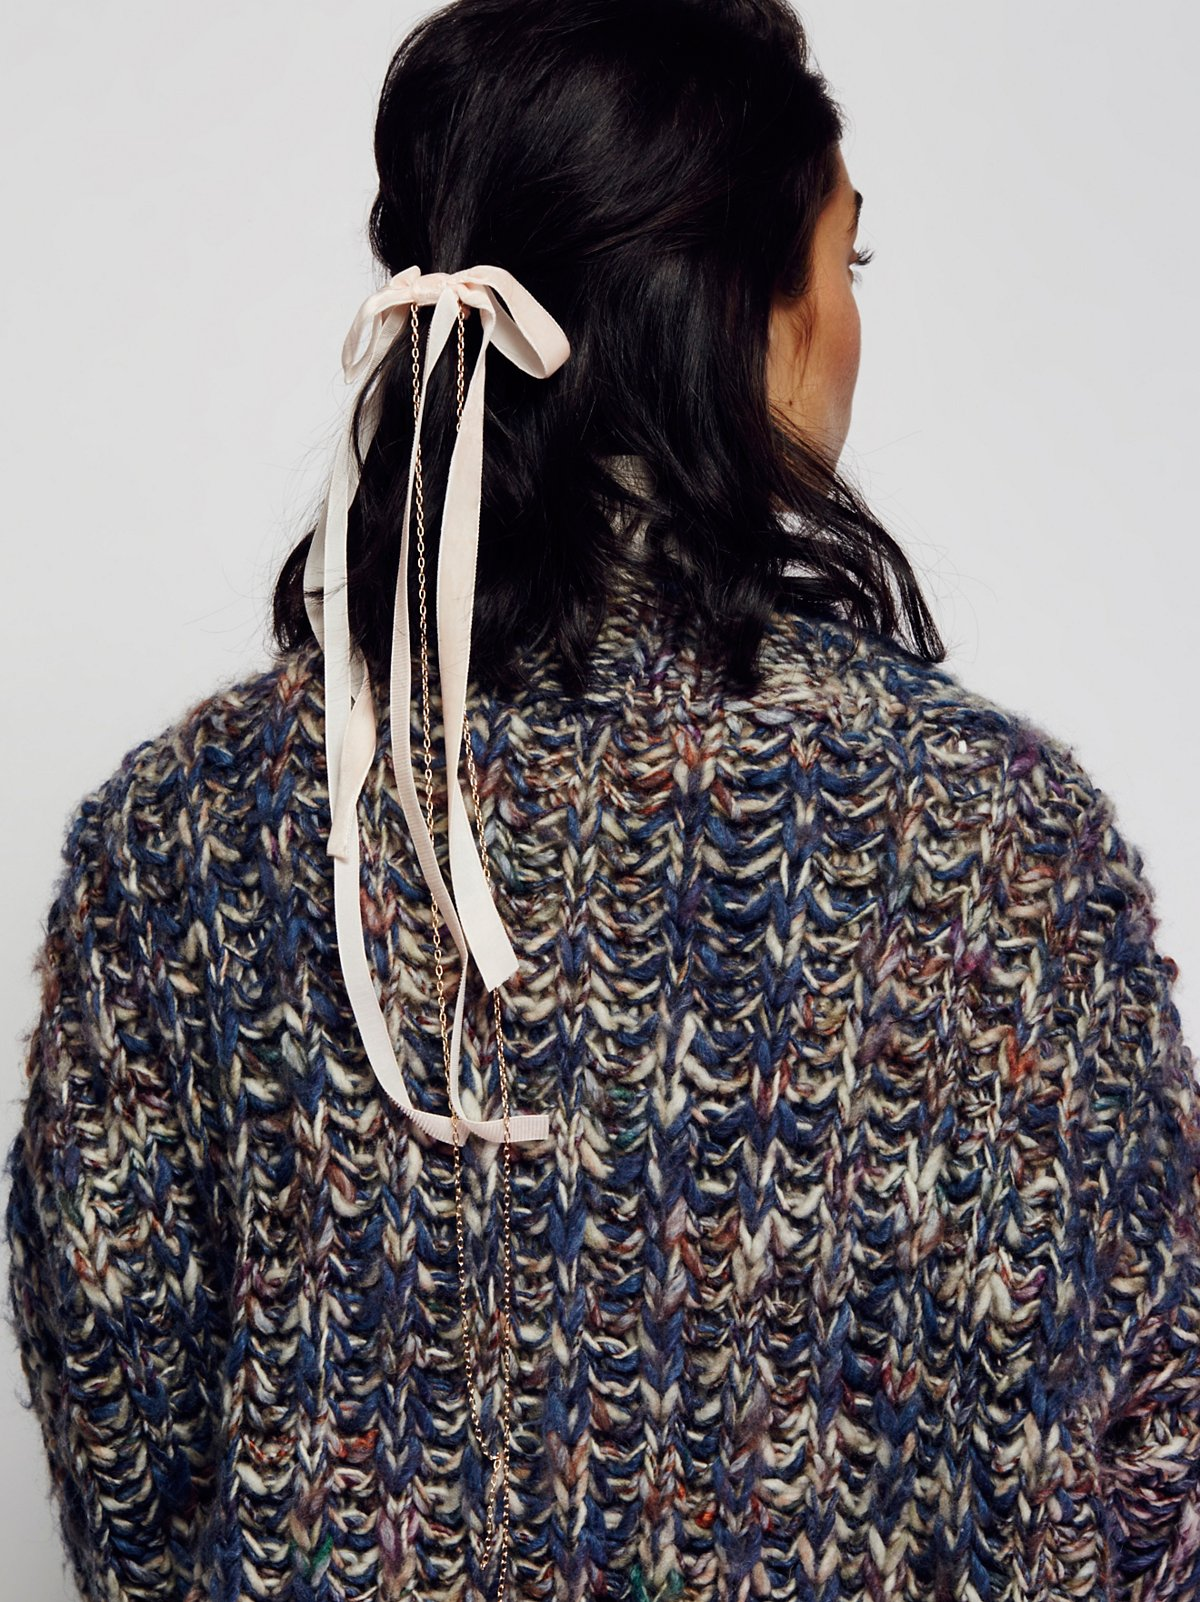 Charlotte天鹅绒束发带